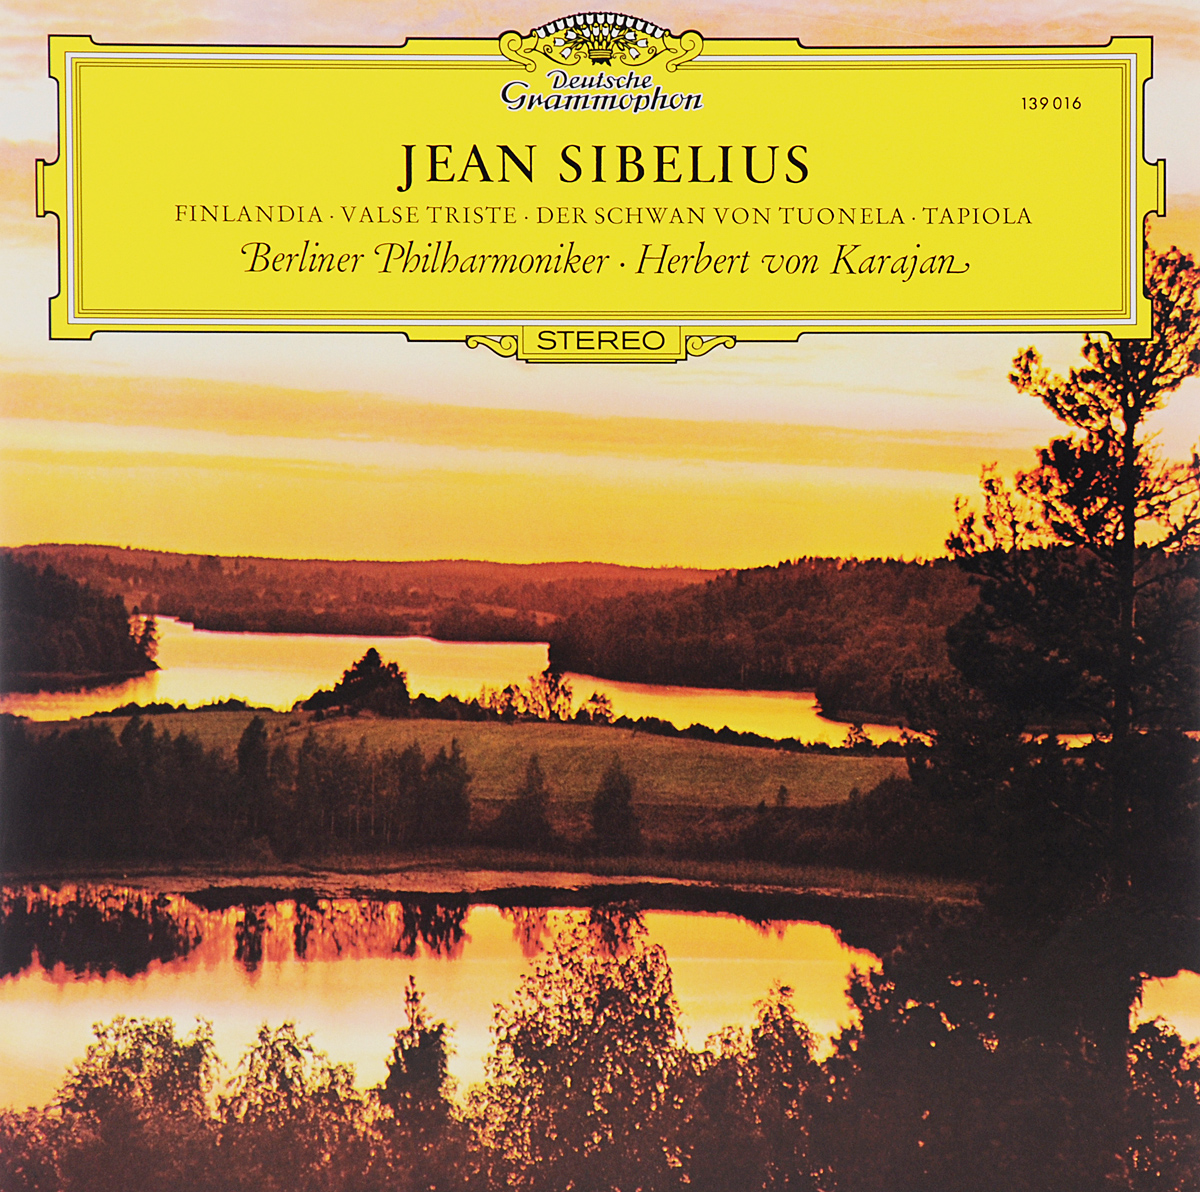 Герберт Караян,Berliner Philharmoniker Herbert Von Karajan. Jean Sibelius. Finlandia / Valse Triste / Der Schwan Von Tuonela / Tapiola (LP) der gute mensch von sezuan